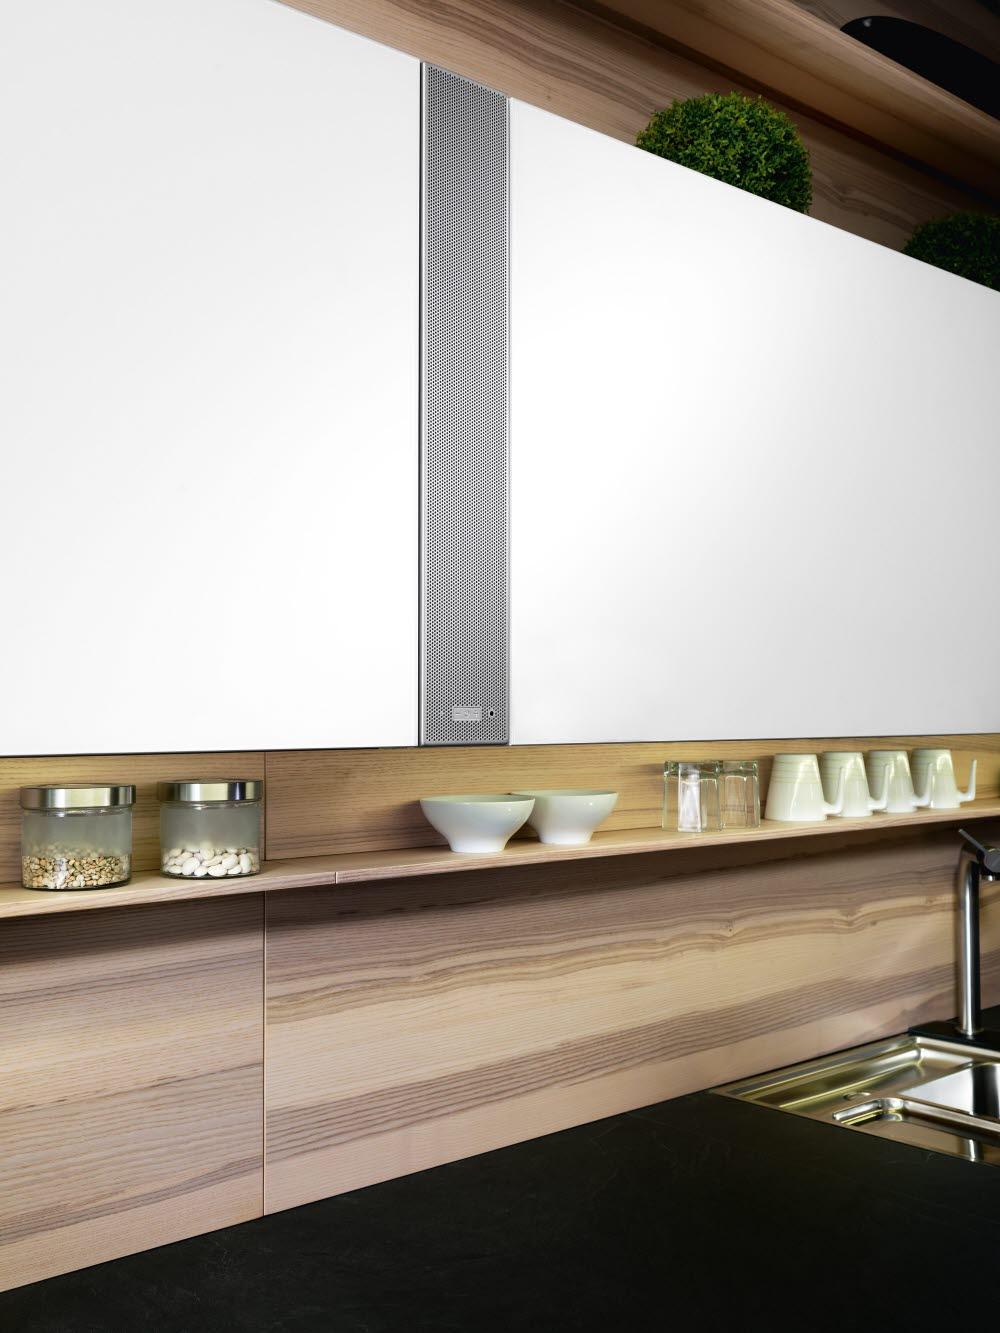 Das Soundmodul von ewe ist eine beeindruckende Erweiterung des Küchenraums: Es lässt sich mit Smartphone oder Tablet verbinden und sorgt mit der Wunschmusik für Spaß beim Kochen und Wohnen. (Foto: ewe)